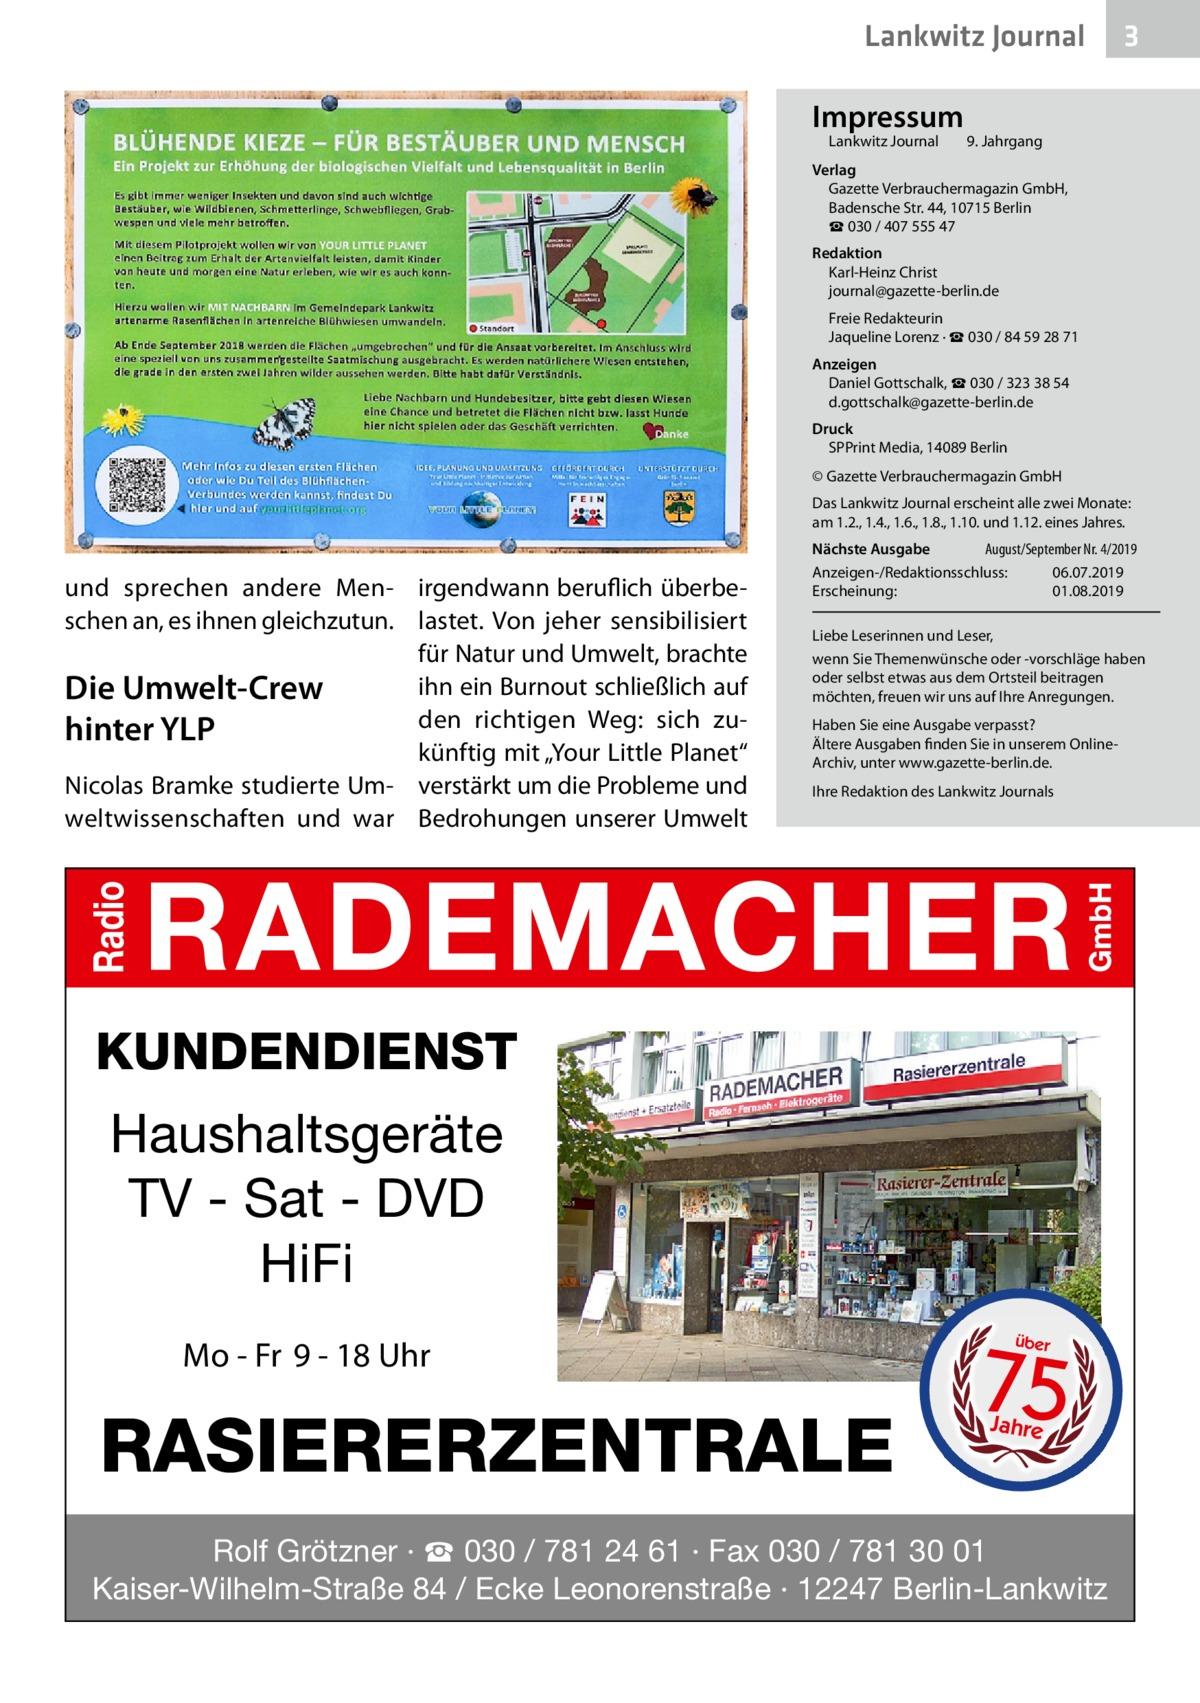 """Lankwitz Journal Impressum Lankwitz Journal   3  9. Jahrgang  Verlag Gazette Verbrauchermagazin GmbH, BadenscheStr.44, 10715Berlin ☎ 030 / 407 555 47 Redaktion Karl-Heinz Christ journal@gazette-berlin.de Freie Redakteurin Jaqueline Lorenz · ☎ 030 / 84 59 28 71 Anzeigen Daniel Gottschalk, ☎ 030 / 323 38 54 d.gottschalk@gazette-berlin.de Druck SPPrint Media, 14089Berlin © Gazette Verbrauchermagazin GmbH Das Lankwitz Journal erscheint alle zwei Monate: am 1.2., 1.4., 1.6., 1.8., 1.10. und 1.12. eines Jahres.  und sprechen andere Men- irgendwann beruflich überbeschen an, es ihnen gleichzutun. lastet. Von jeher sensibilisiert für Natur und Umwelt, brachte ihn ein Burnout schließlich auf Die Umwelt-Crew den richtigen Weg: sich zuhinter YLP künftig mit """"Your Little Planet"""" Nicolas Bramke studierte Um- verstärkt um die Probleme und weltwissenschaften und war Bedrohungen unserer Umwelt  Nächste Ausgabe  August/September Nr. 4/2019 Anzeigen-/Redaktionsschluss:06.07.2019 Erscheinung:01.08.2019 Liebe Leserinnen und Leser, wenn Sie Themenwünsche oder -vorschläge haben oder selbst etwas aus dem Ortsteil beitragen möchten, freuen wir uns auf Ihre Anregungen. Haben Sie eine Ausgabe verpasst? Ältere Ausgaben finden Sie in unserem OnlineArchiv, unter www.gazette-berlin.de. Ihre Redaktion des Lankwitz Journals  KUNDENDIENST  Haushaltsgeräte TV - Sat - DVD HiFi Mo - Fr 9 - 18 Uhr  RASIERERZENTRALE  75 über  Jahre  Rolf Grötzner · ☎ 030 / 781 24 61 · Fax 030 / 781 30 01 Kaiser-Wilhelm-Straße 84 / Ecke Leonorenstraße · 12247 Berlin-Lankwitz"""